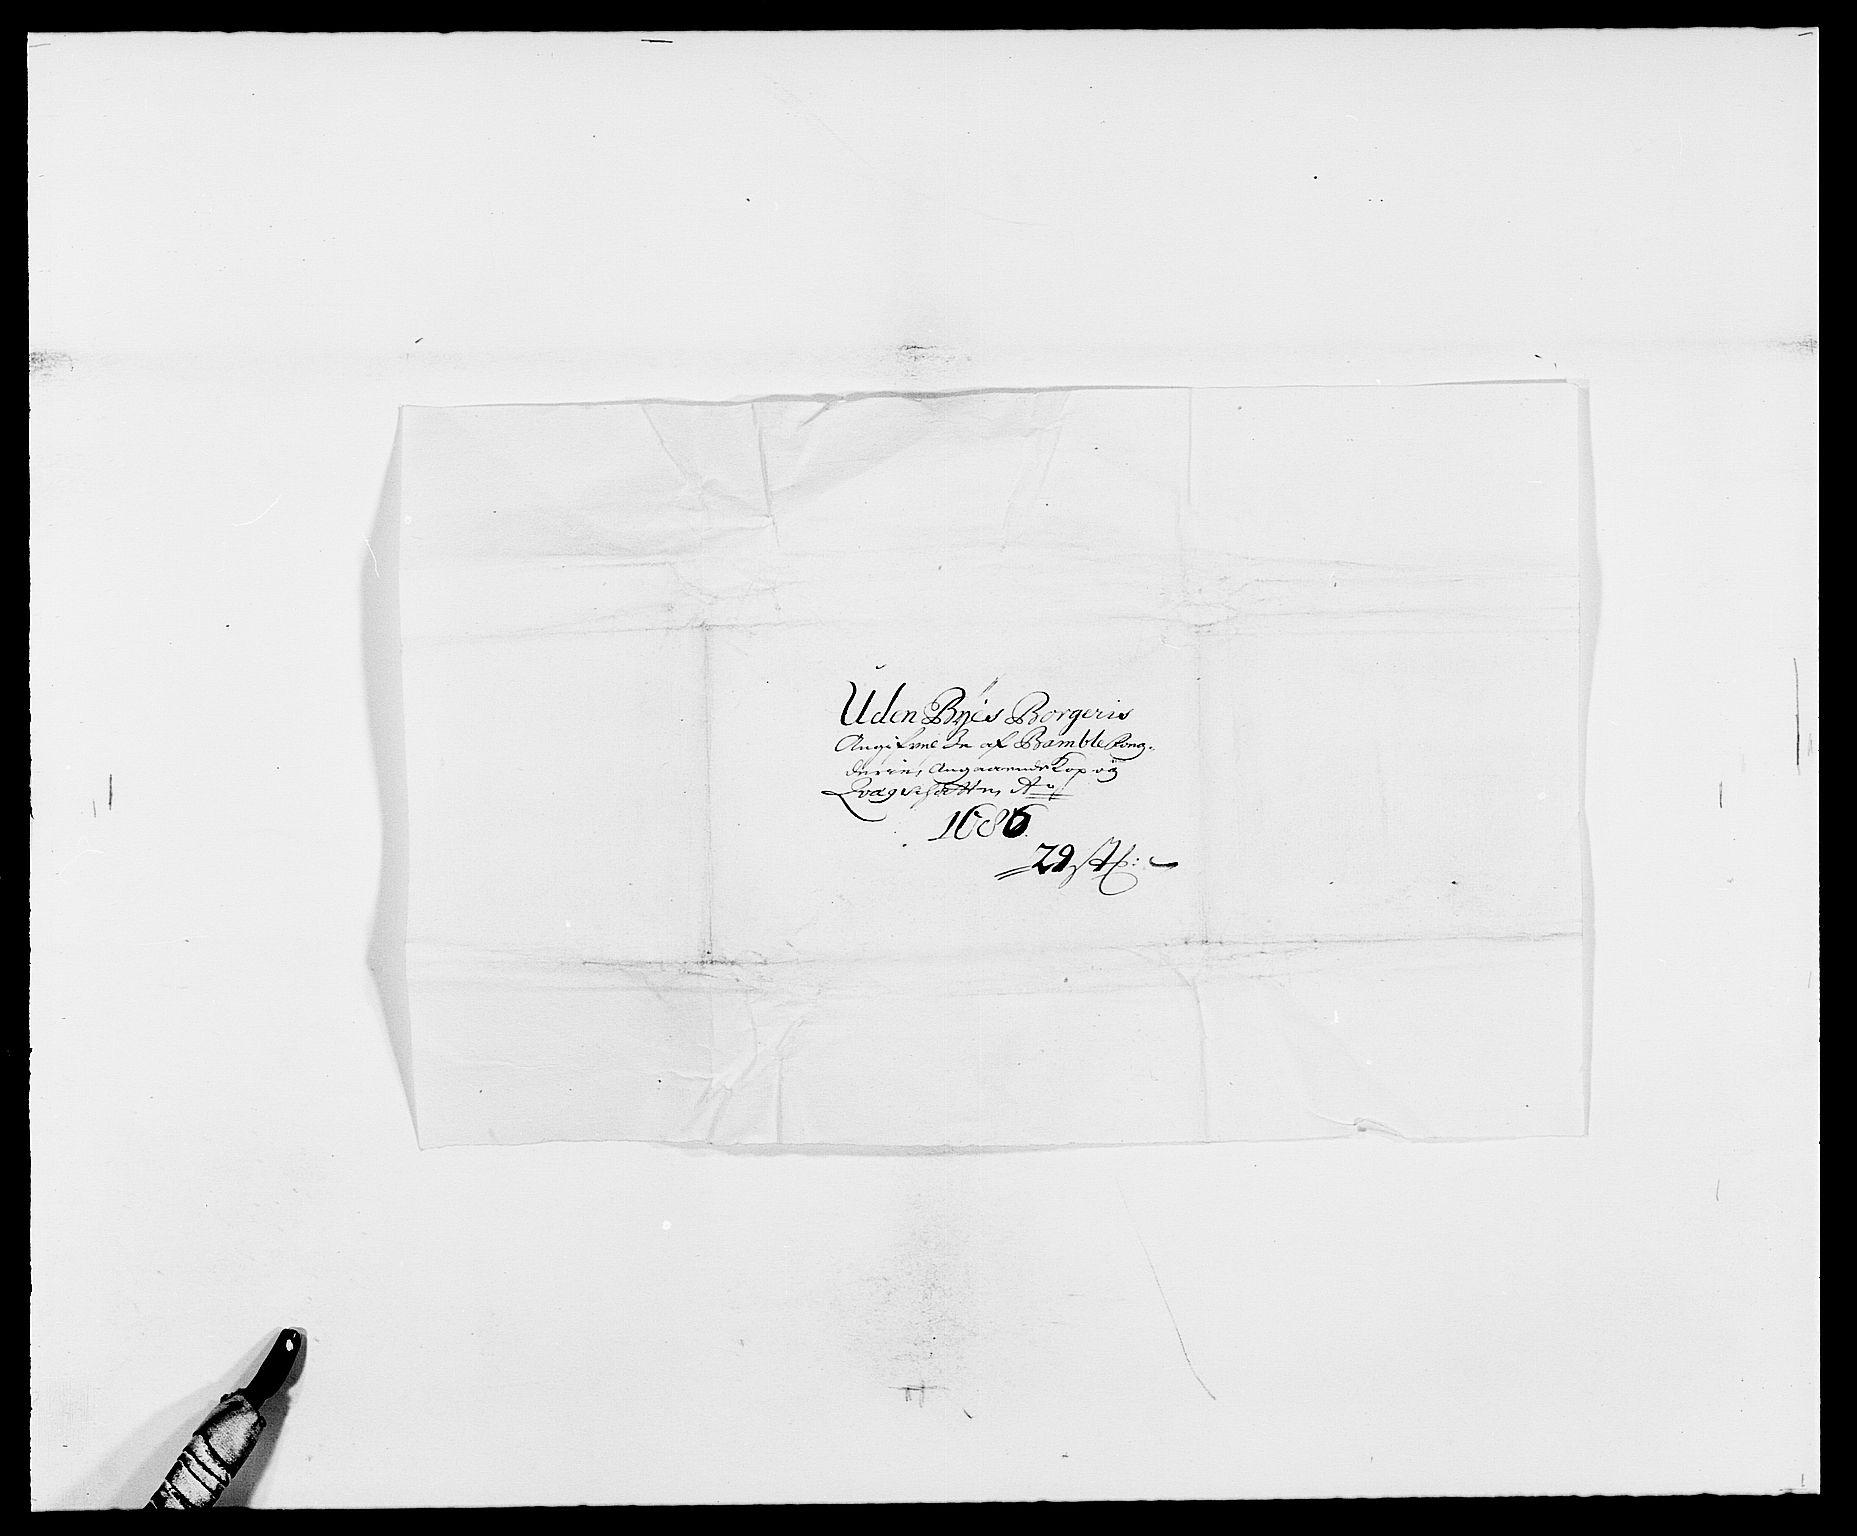 RA, Rentekammeret inntil 1814, Reviderte regnskaper, Fogderegnskap, R34/L2049: Fogderegnskap Bamble, 1685-1687, s. 175